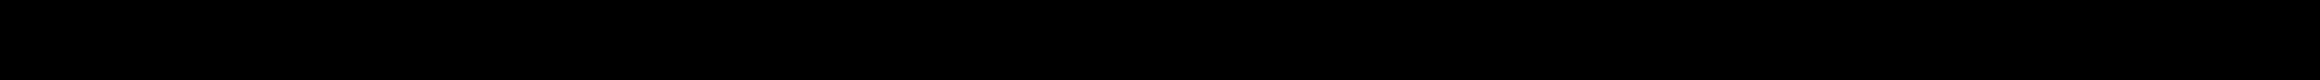 RIDEX 204552, 0203121400, 0203121700, 0536270010, 05.362.70.02.0 Remblokkenset, schijfrem